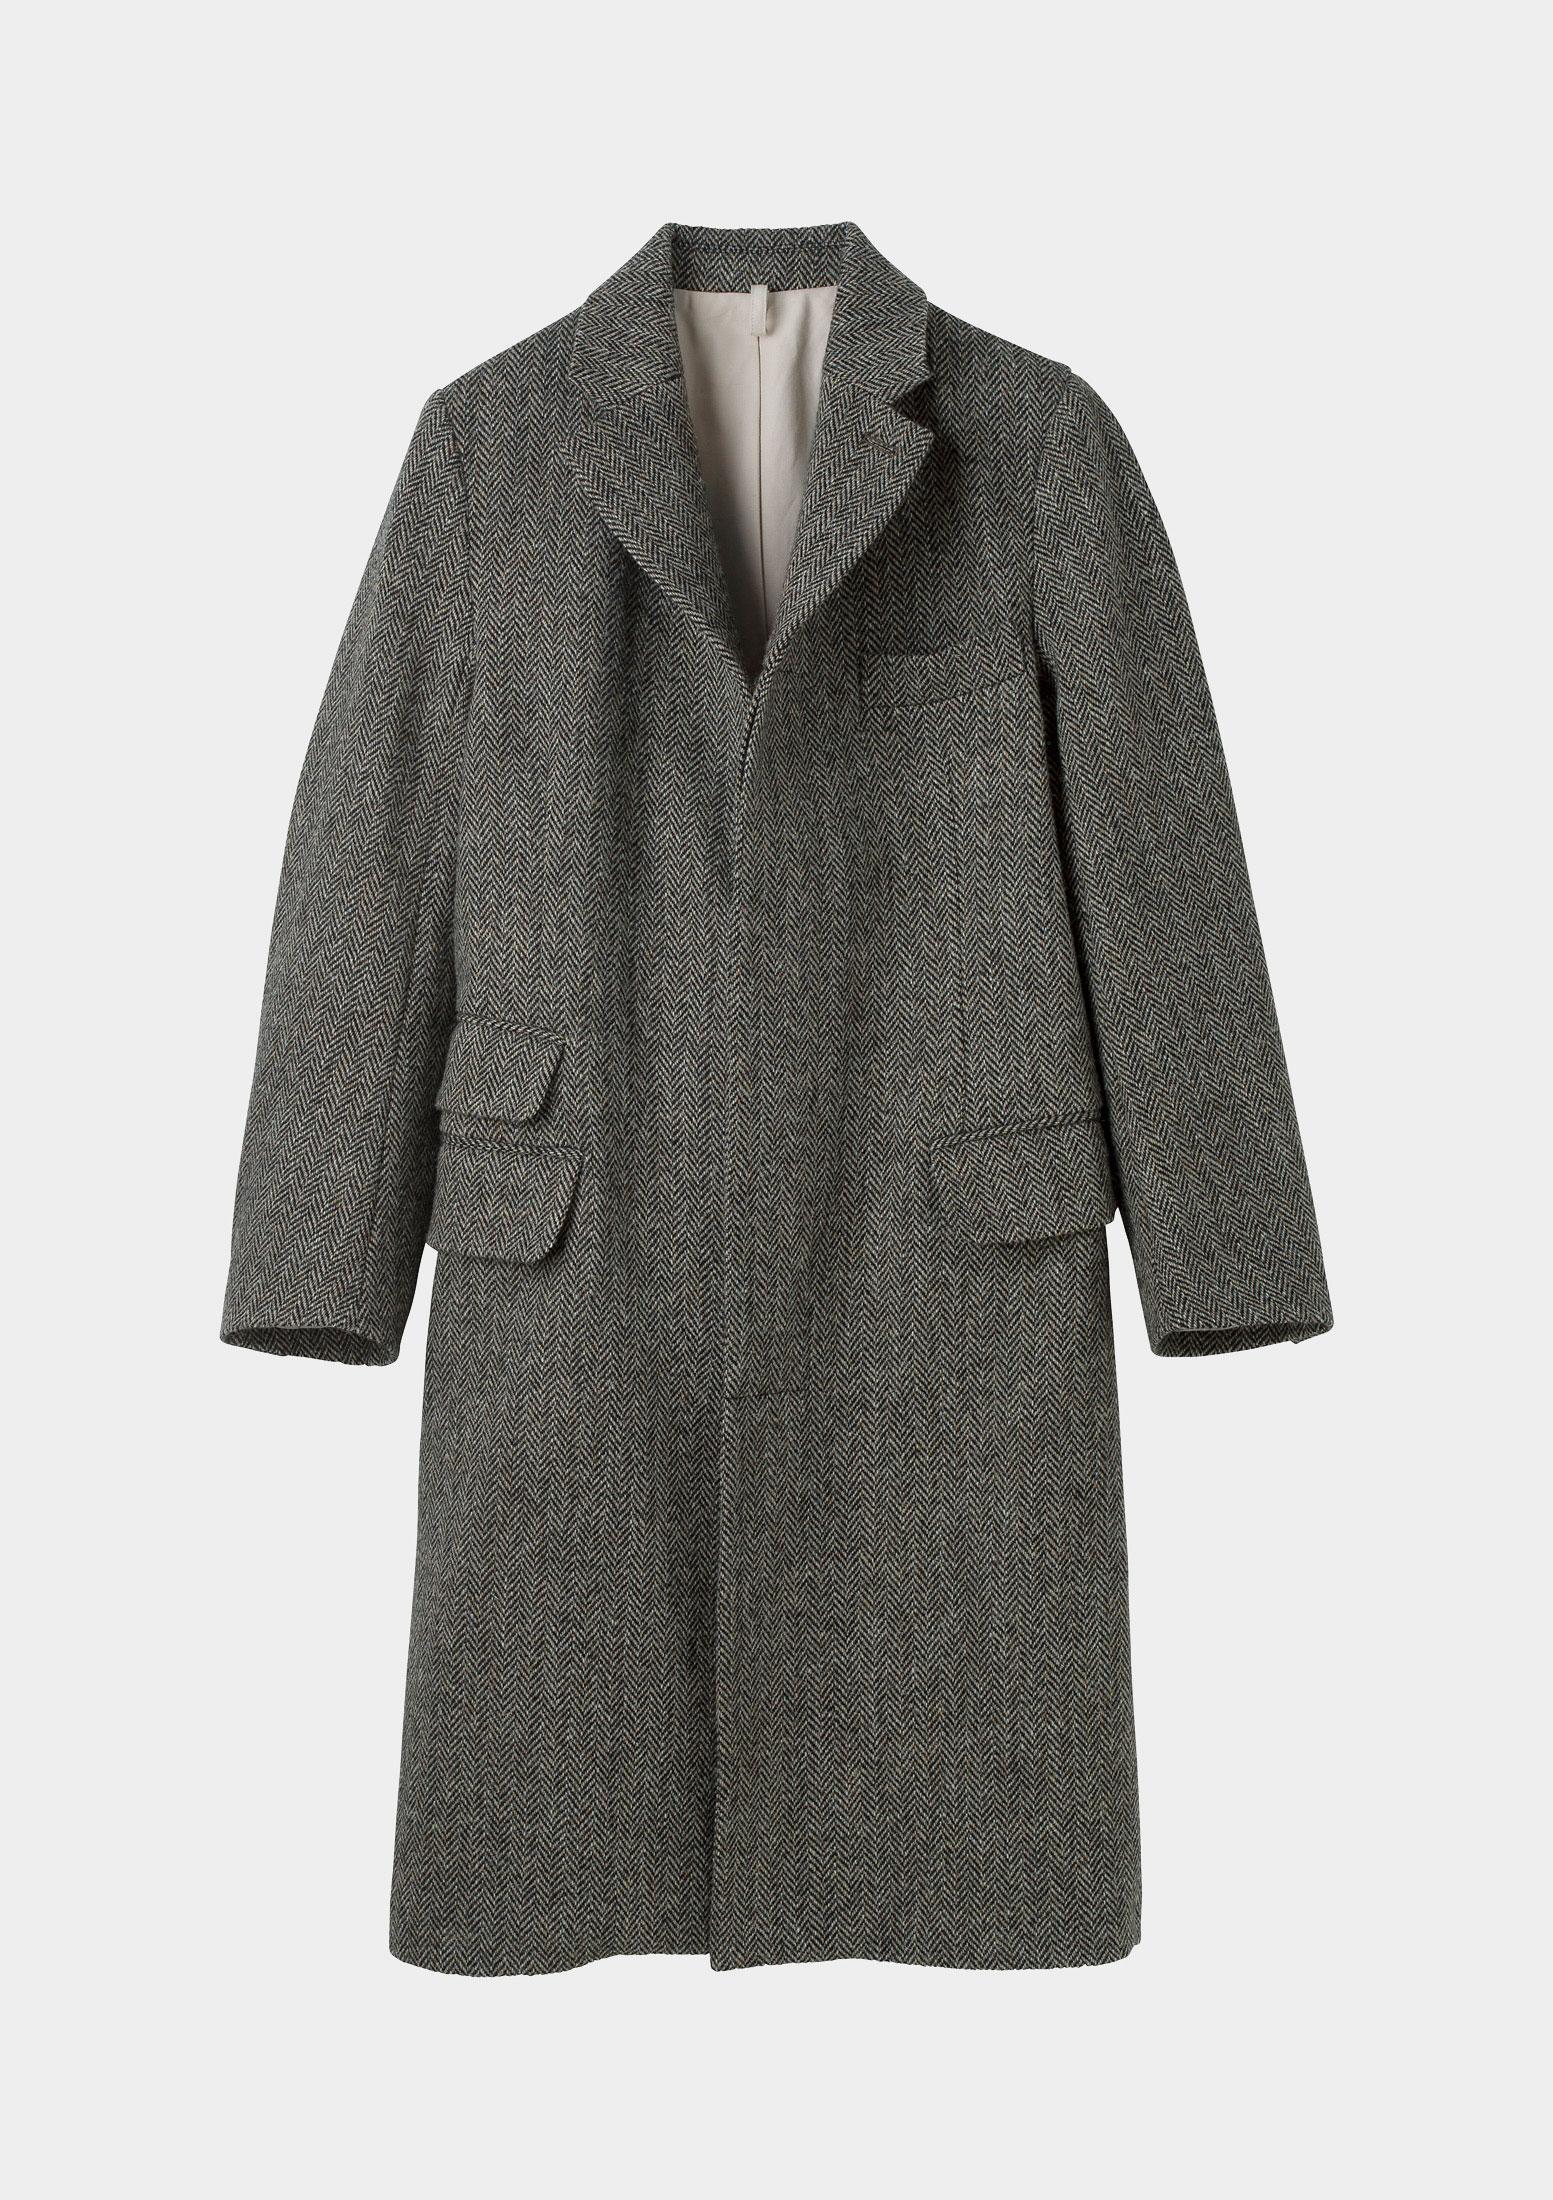 Harris tweed overcoats